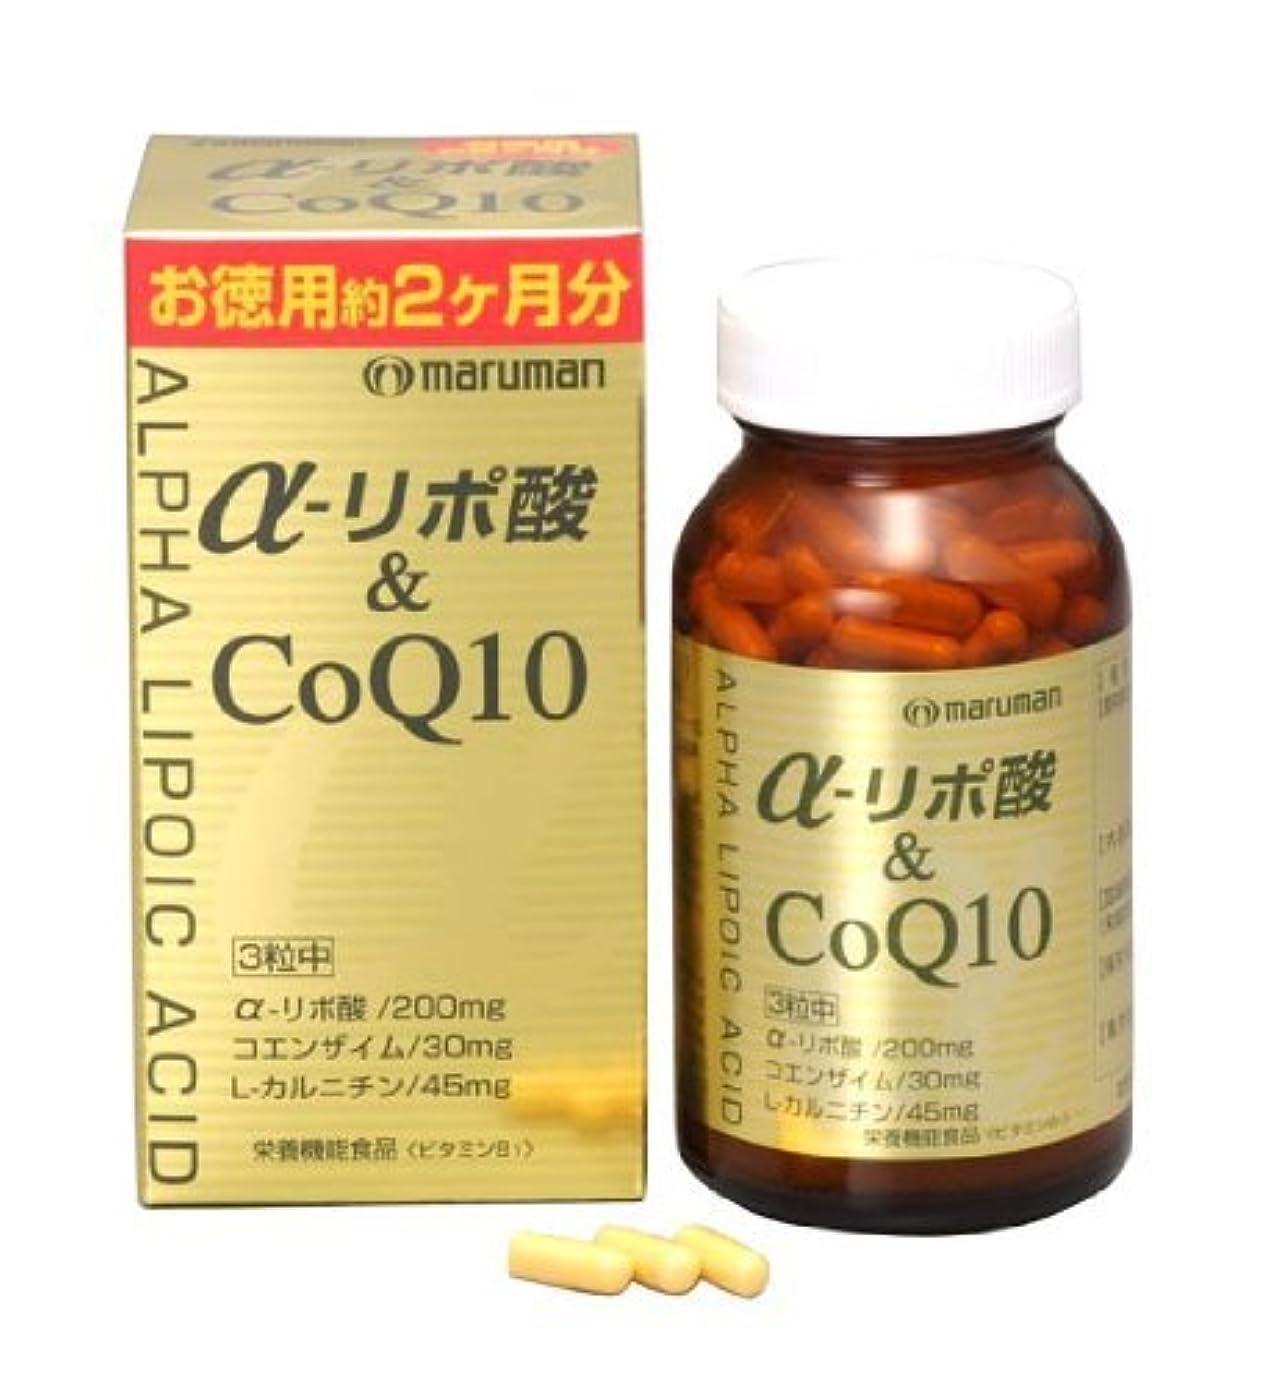 贅沢複雑冗長αリポ酸&COQ10 徳用2ヶ月分 話題の成分配合